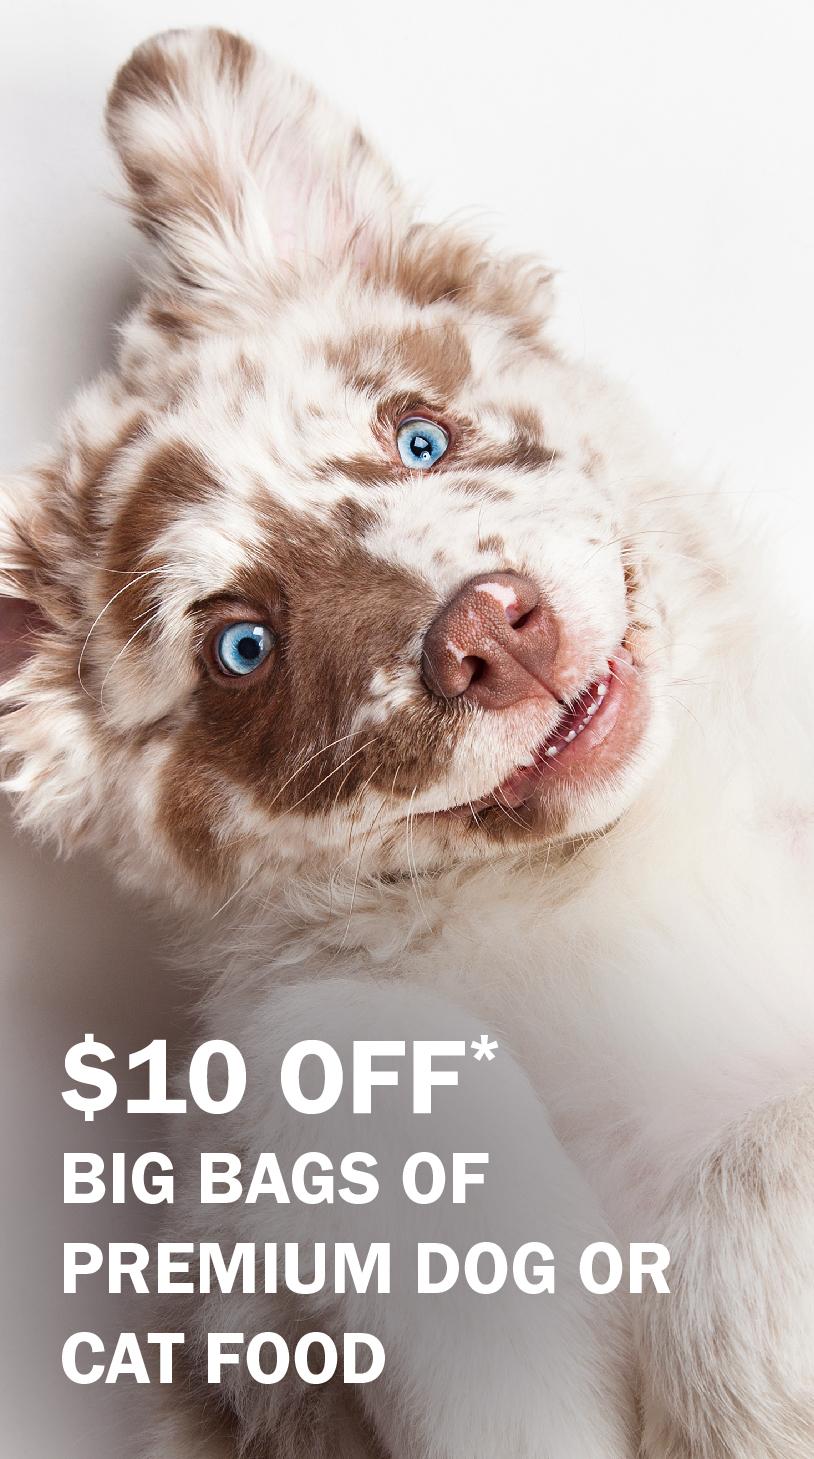 $10 off big bags of premium dog or cat food